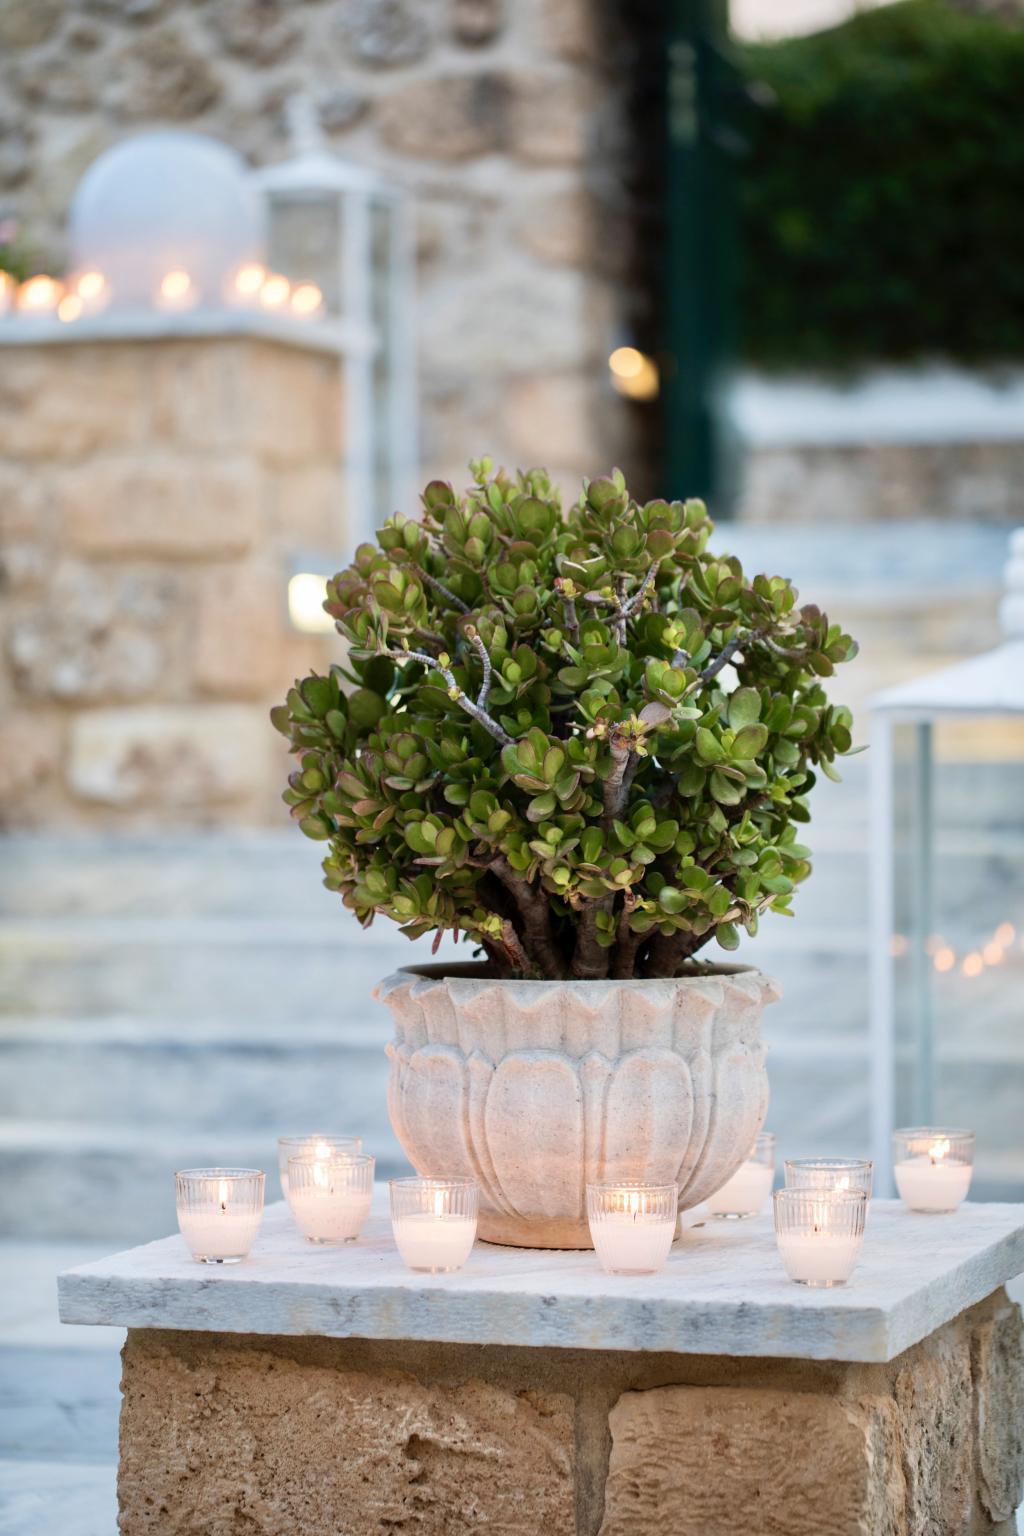 M&AJ Spetses wedding - Image 5